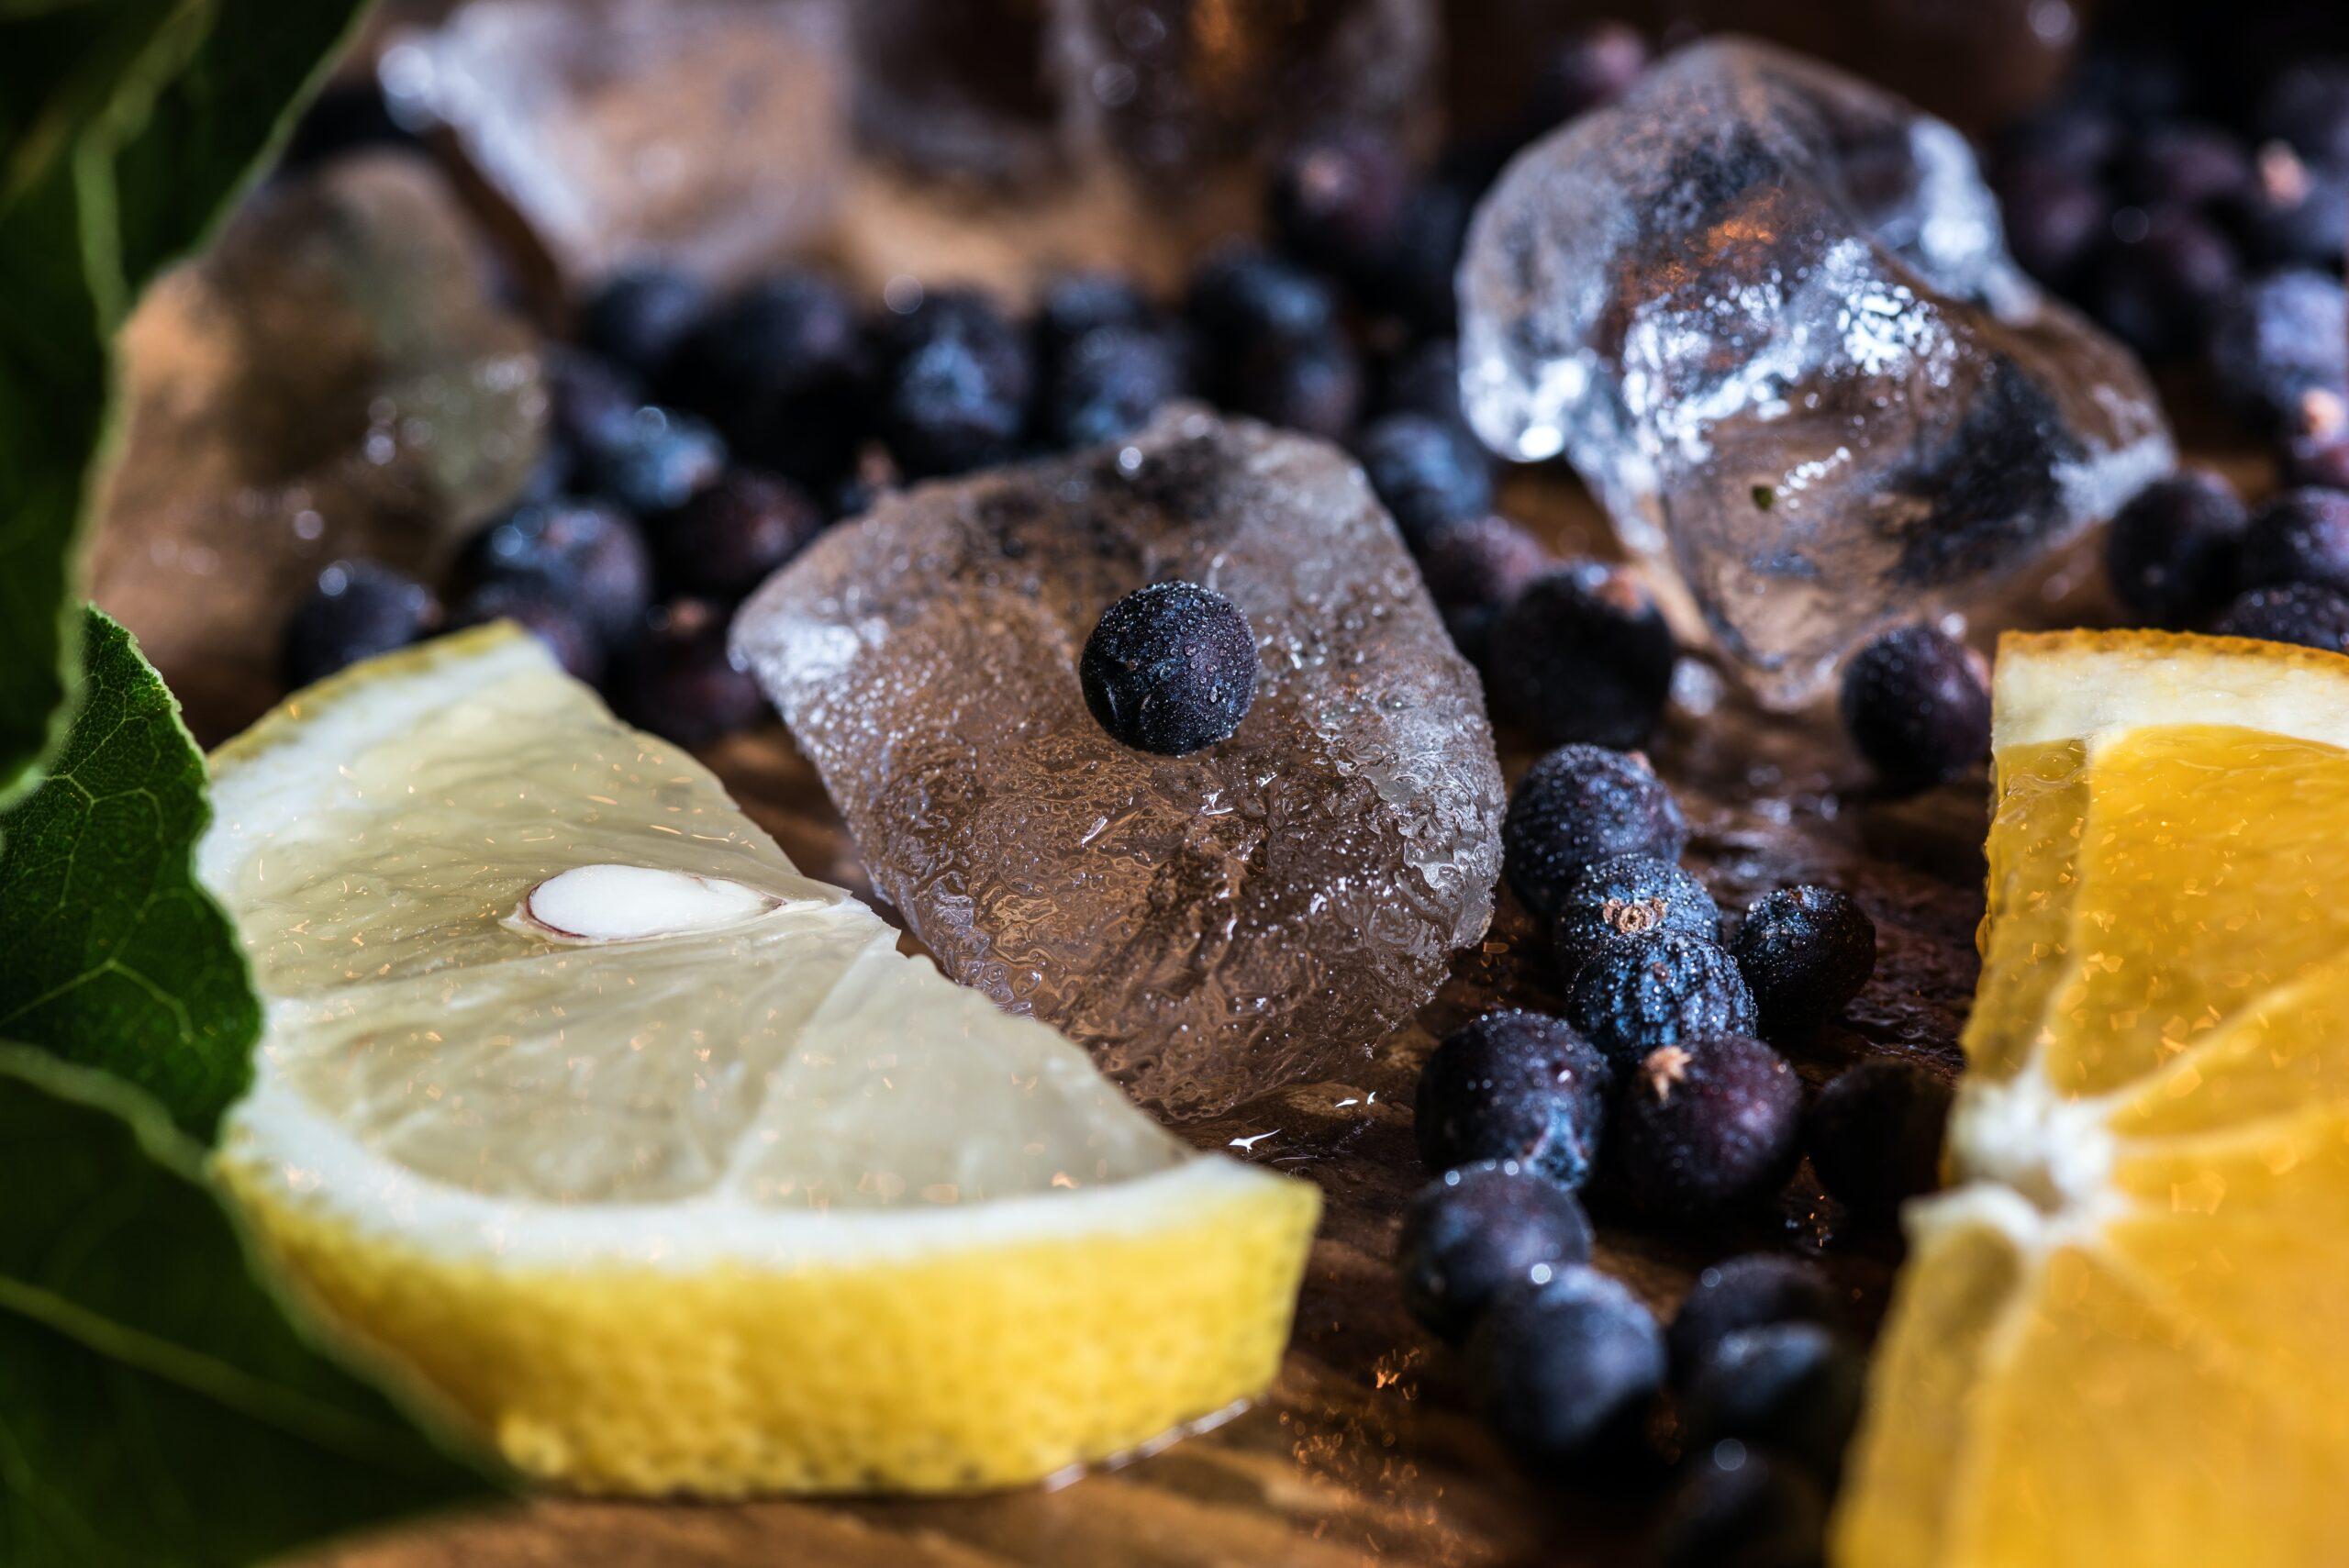 lemon juniper for flavouring gin